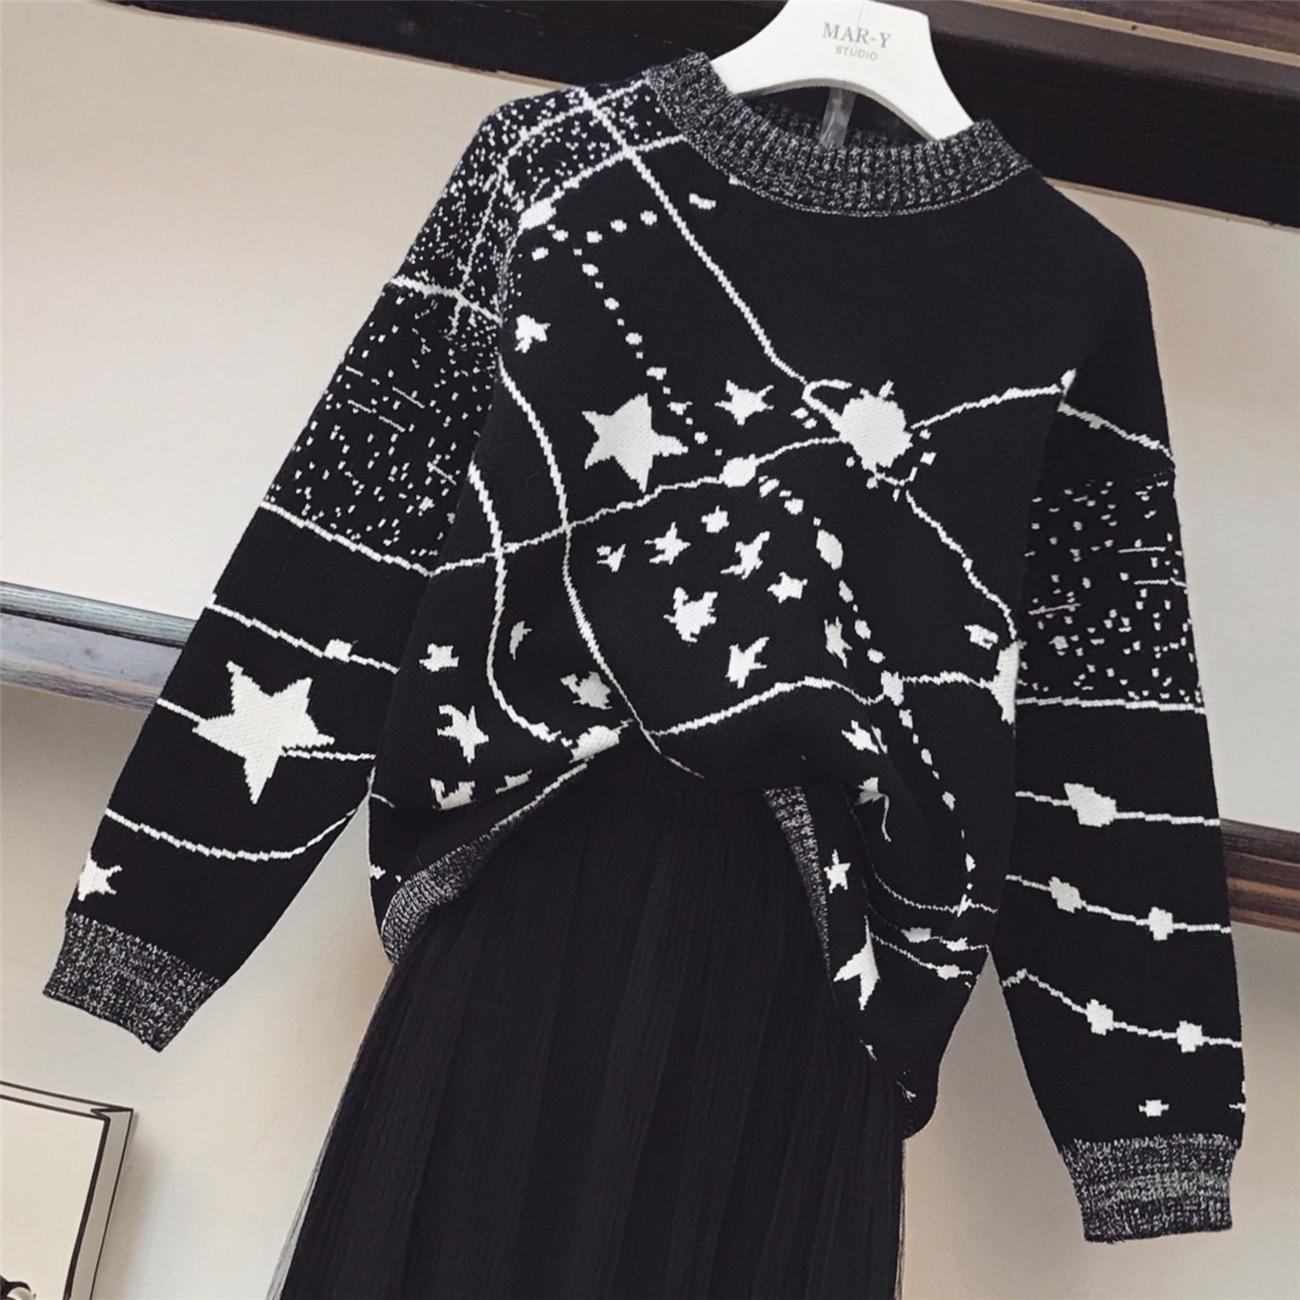 Mode Nouveau 2018 Black Femme Gaze Bal Impression Et Jupes Chandails Robe Cou Automne De Blanc Costumes Ensembles Femmes Noir O tRdqdAw